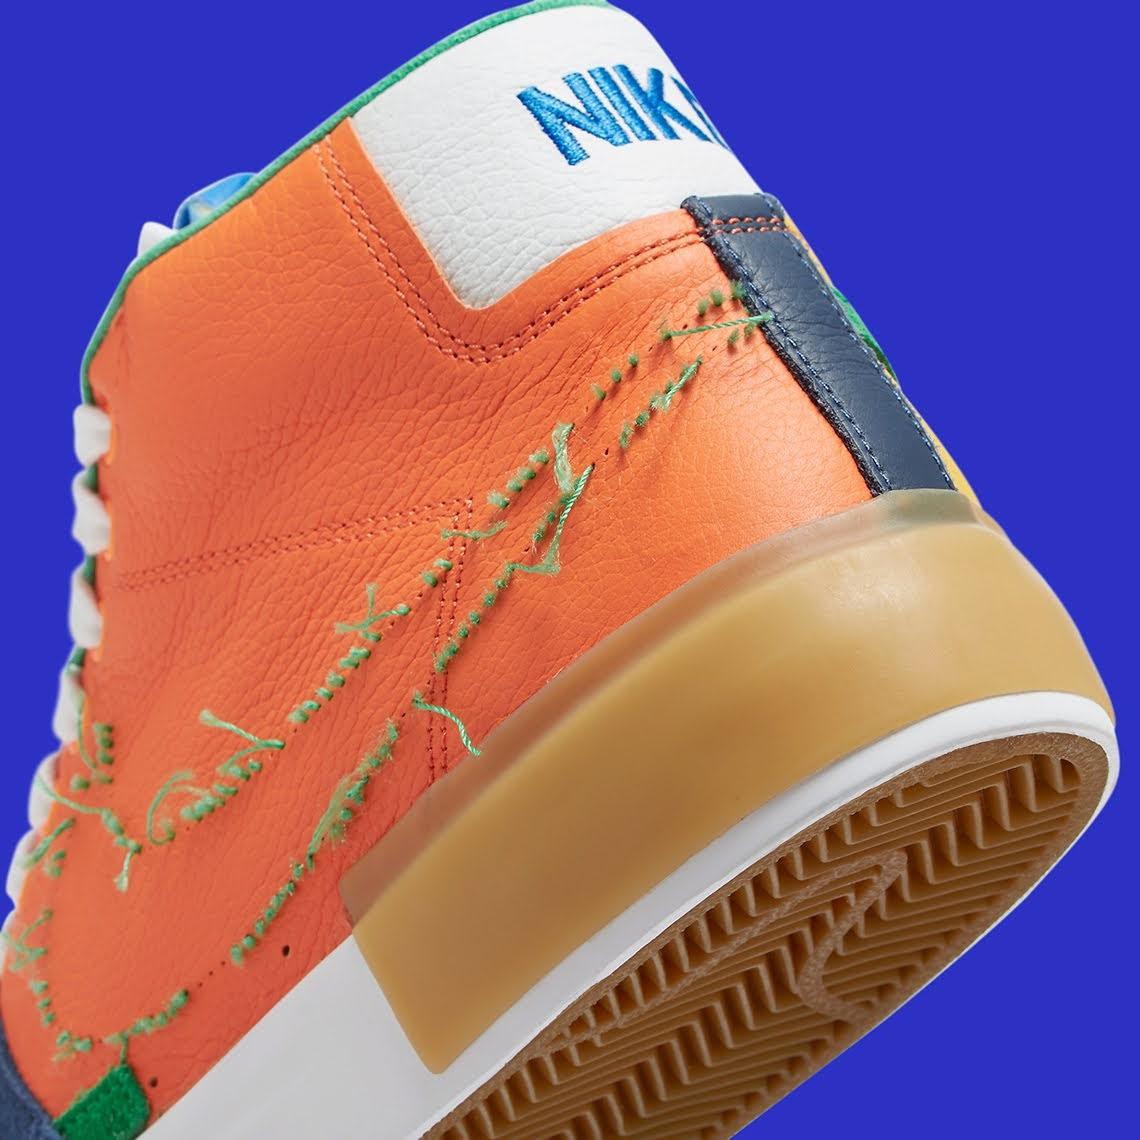 """ナイキ SB ブレーザー ミッド エッジ """"マルチカラー"""" Nike-SB-Blazer-Mid-Edge-Multi-Color-DA2189-800-side-heel-closeup"""